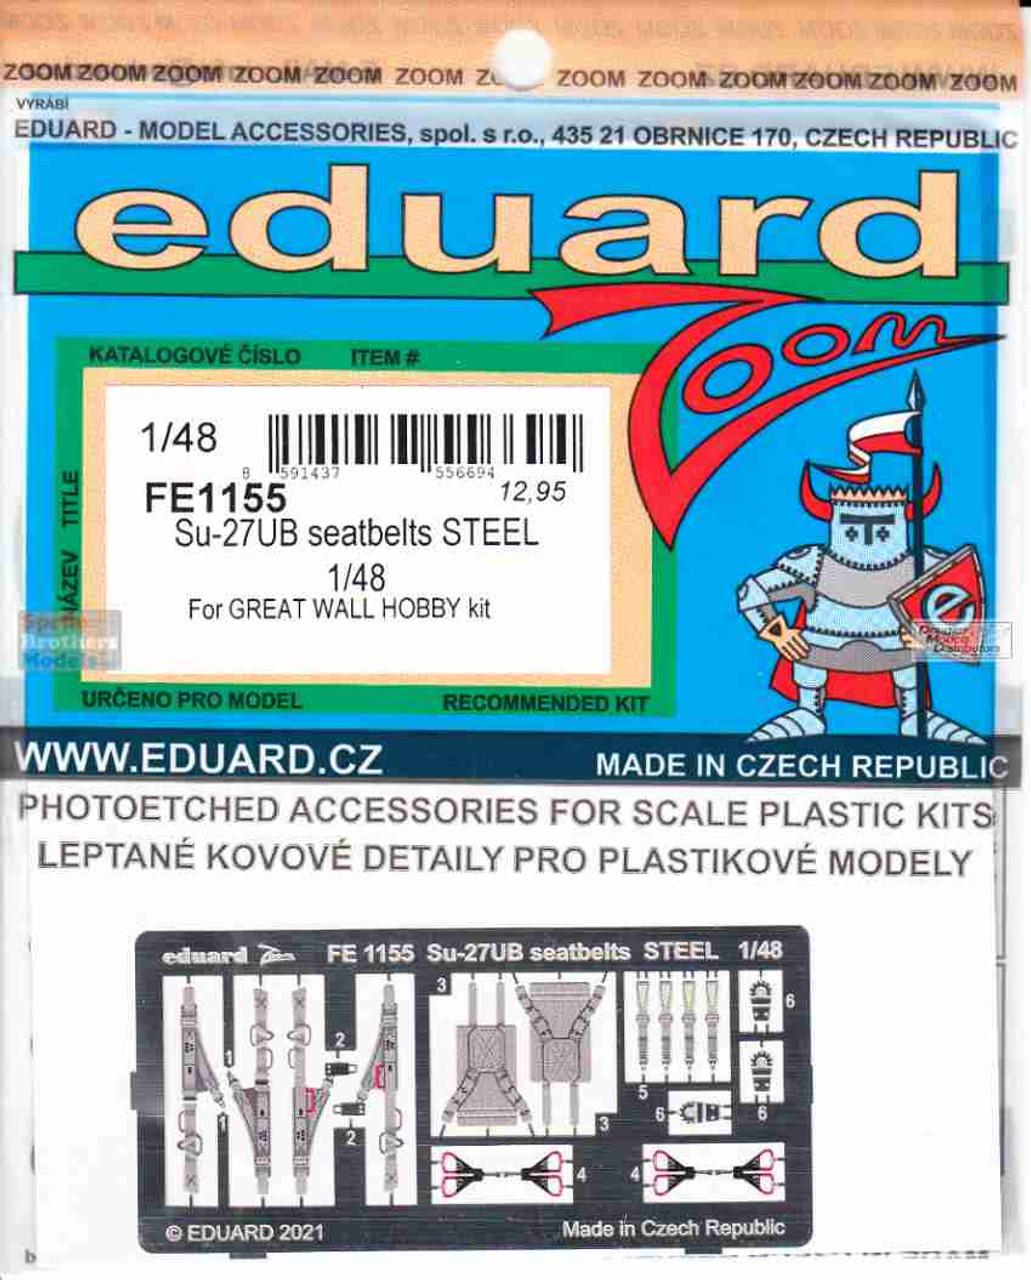 EDUFE1155 1:48 Eduard Color Zoom PE - Su-27UB Flanker Seatbelts [STEEL] (GWH kit)